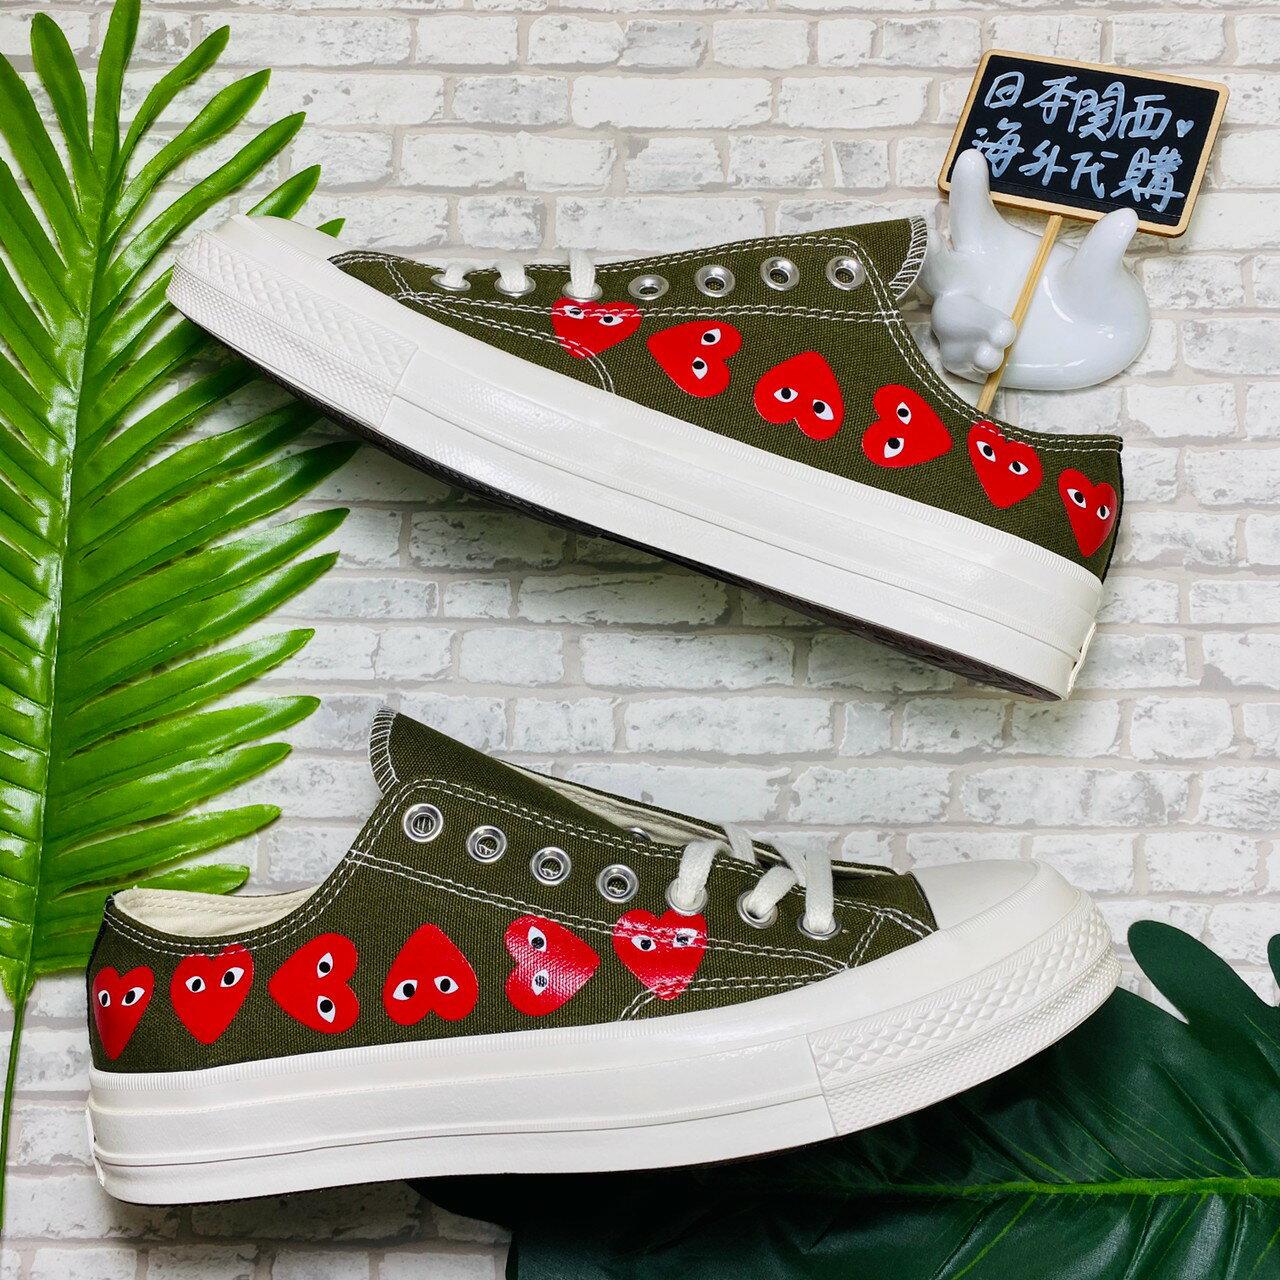 【日本海外代購】Converse All Star 1970 Cdg 棕綠 帆布 低筒 愛心串心 川久保玲 男女鞋162976C